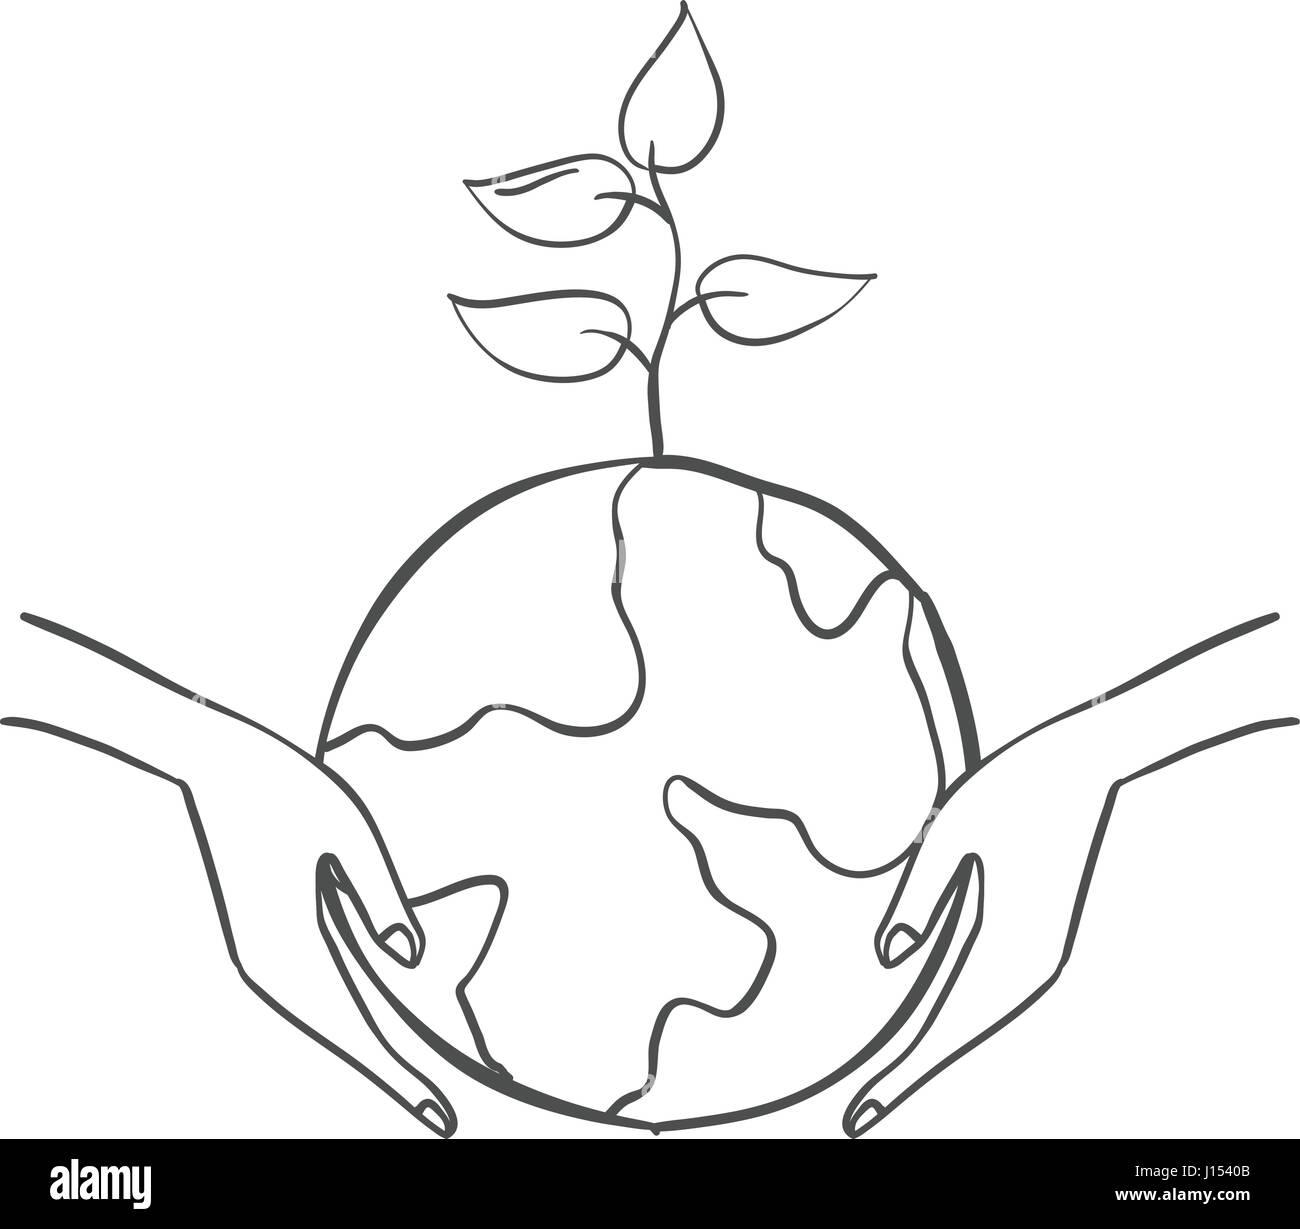 14 Amistad Caja Del Febrero 14 De Febrero De Arreglos Amor En Para El Dia Madera La De Y